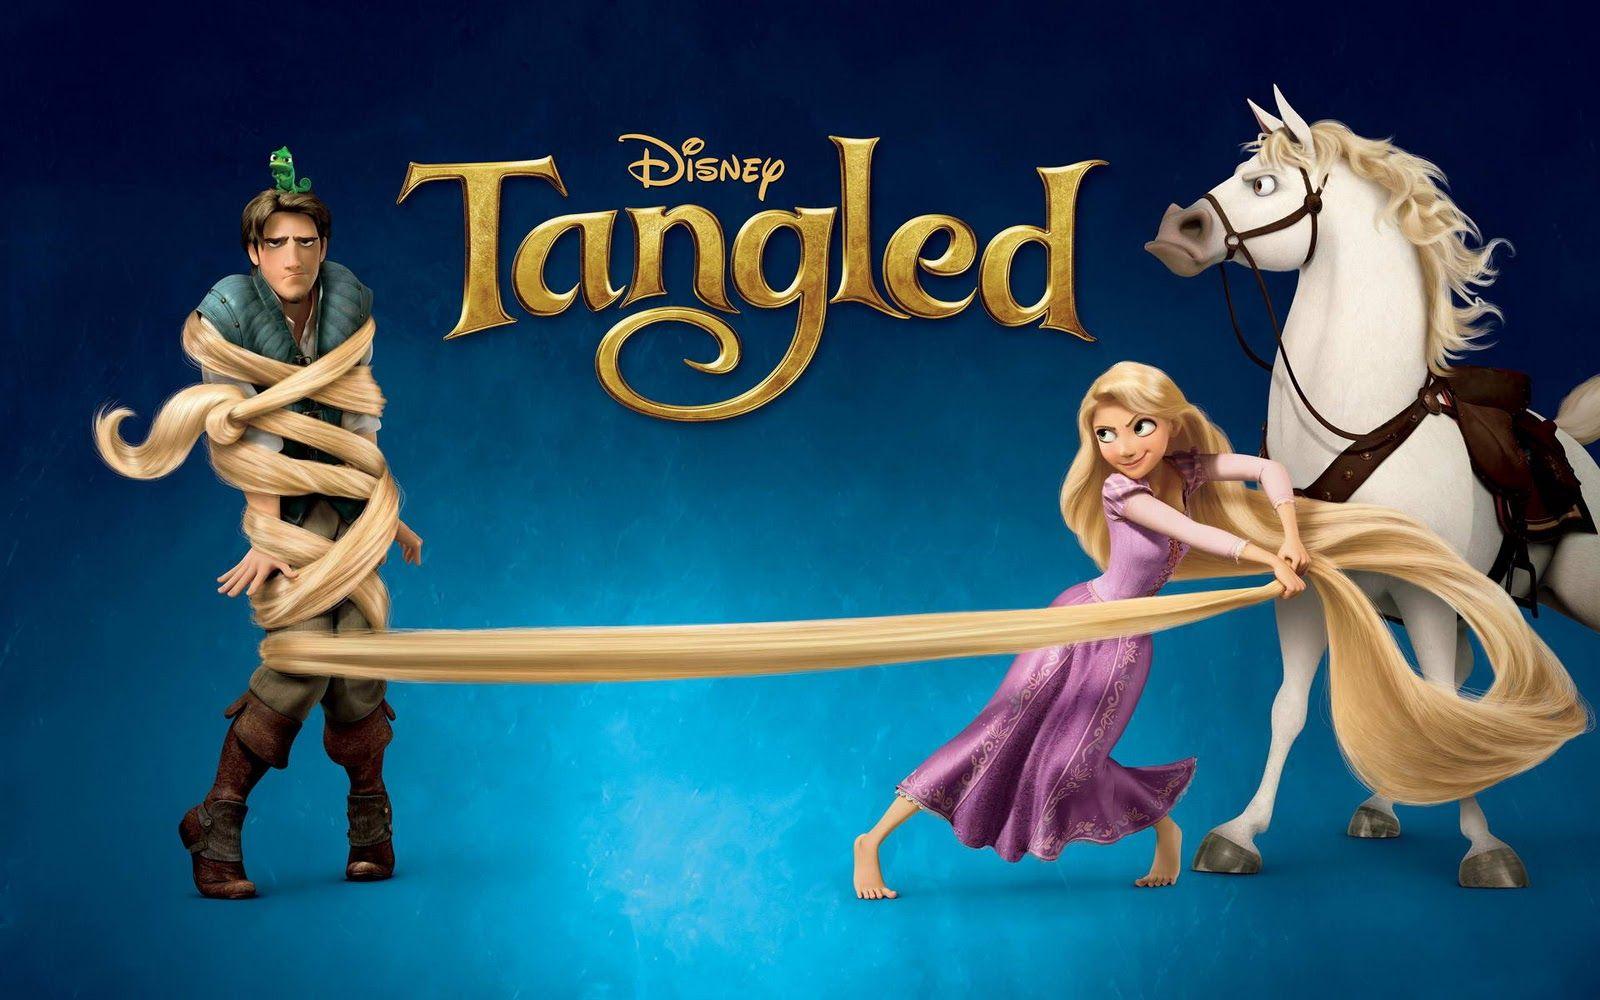 Enredados Tangled En La Version En Ingles Es La Nueva Pelicula De Disney Y Que Hace La Numero 50 La Protag Tangled Movie Disney Tangled Walt Disney Pictures